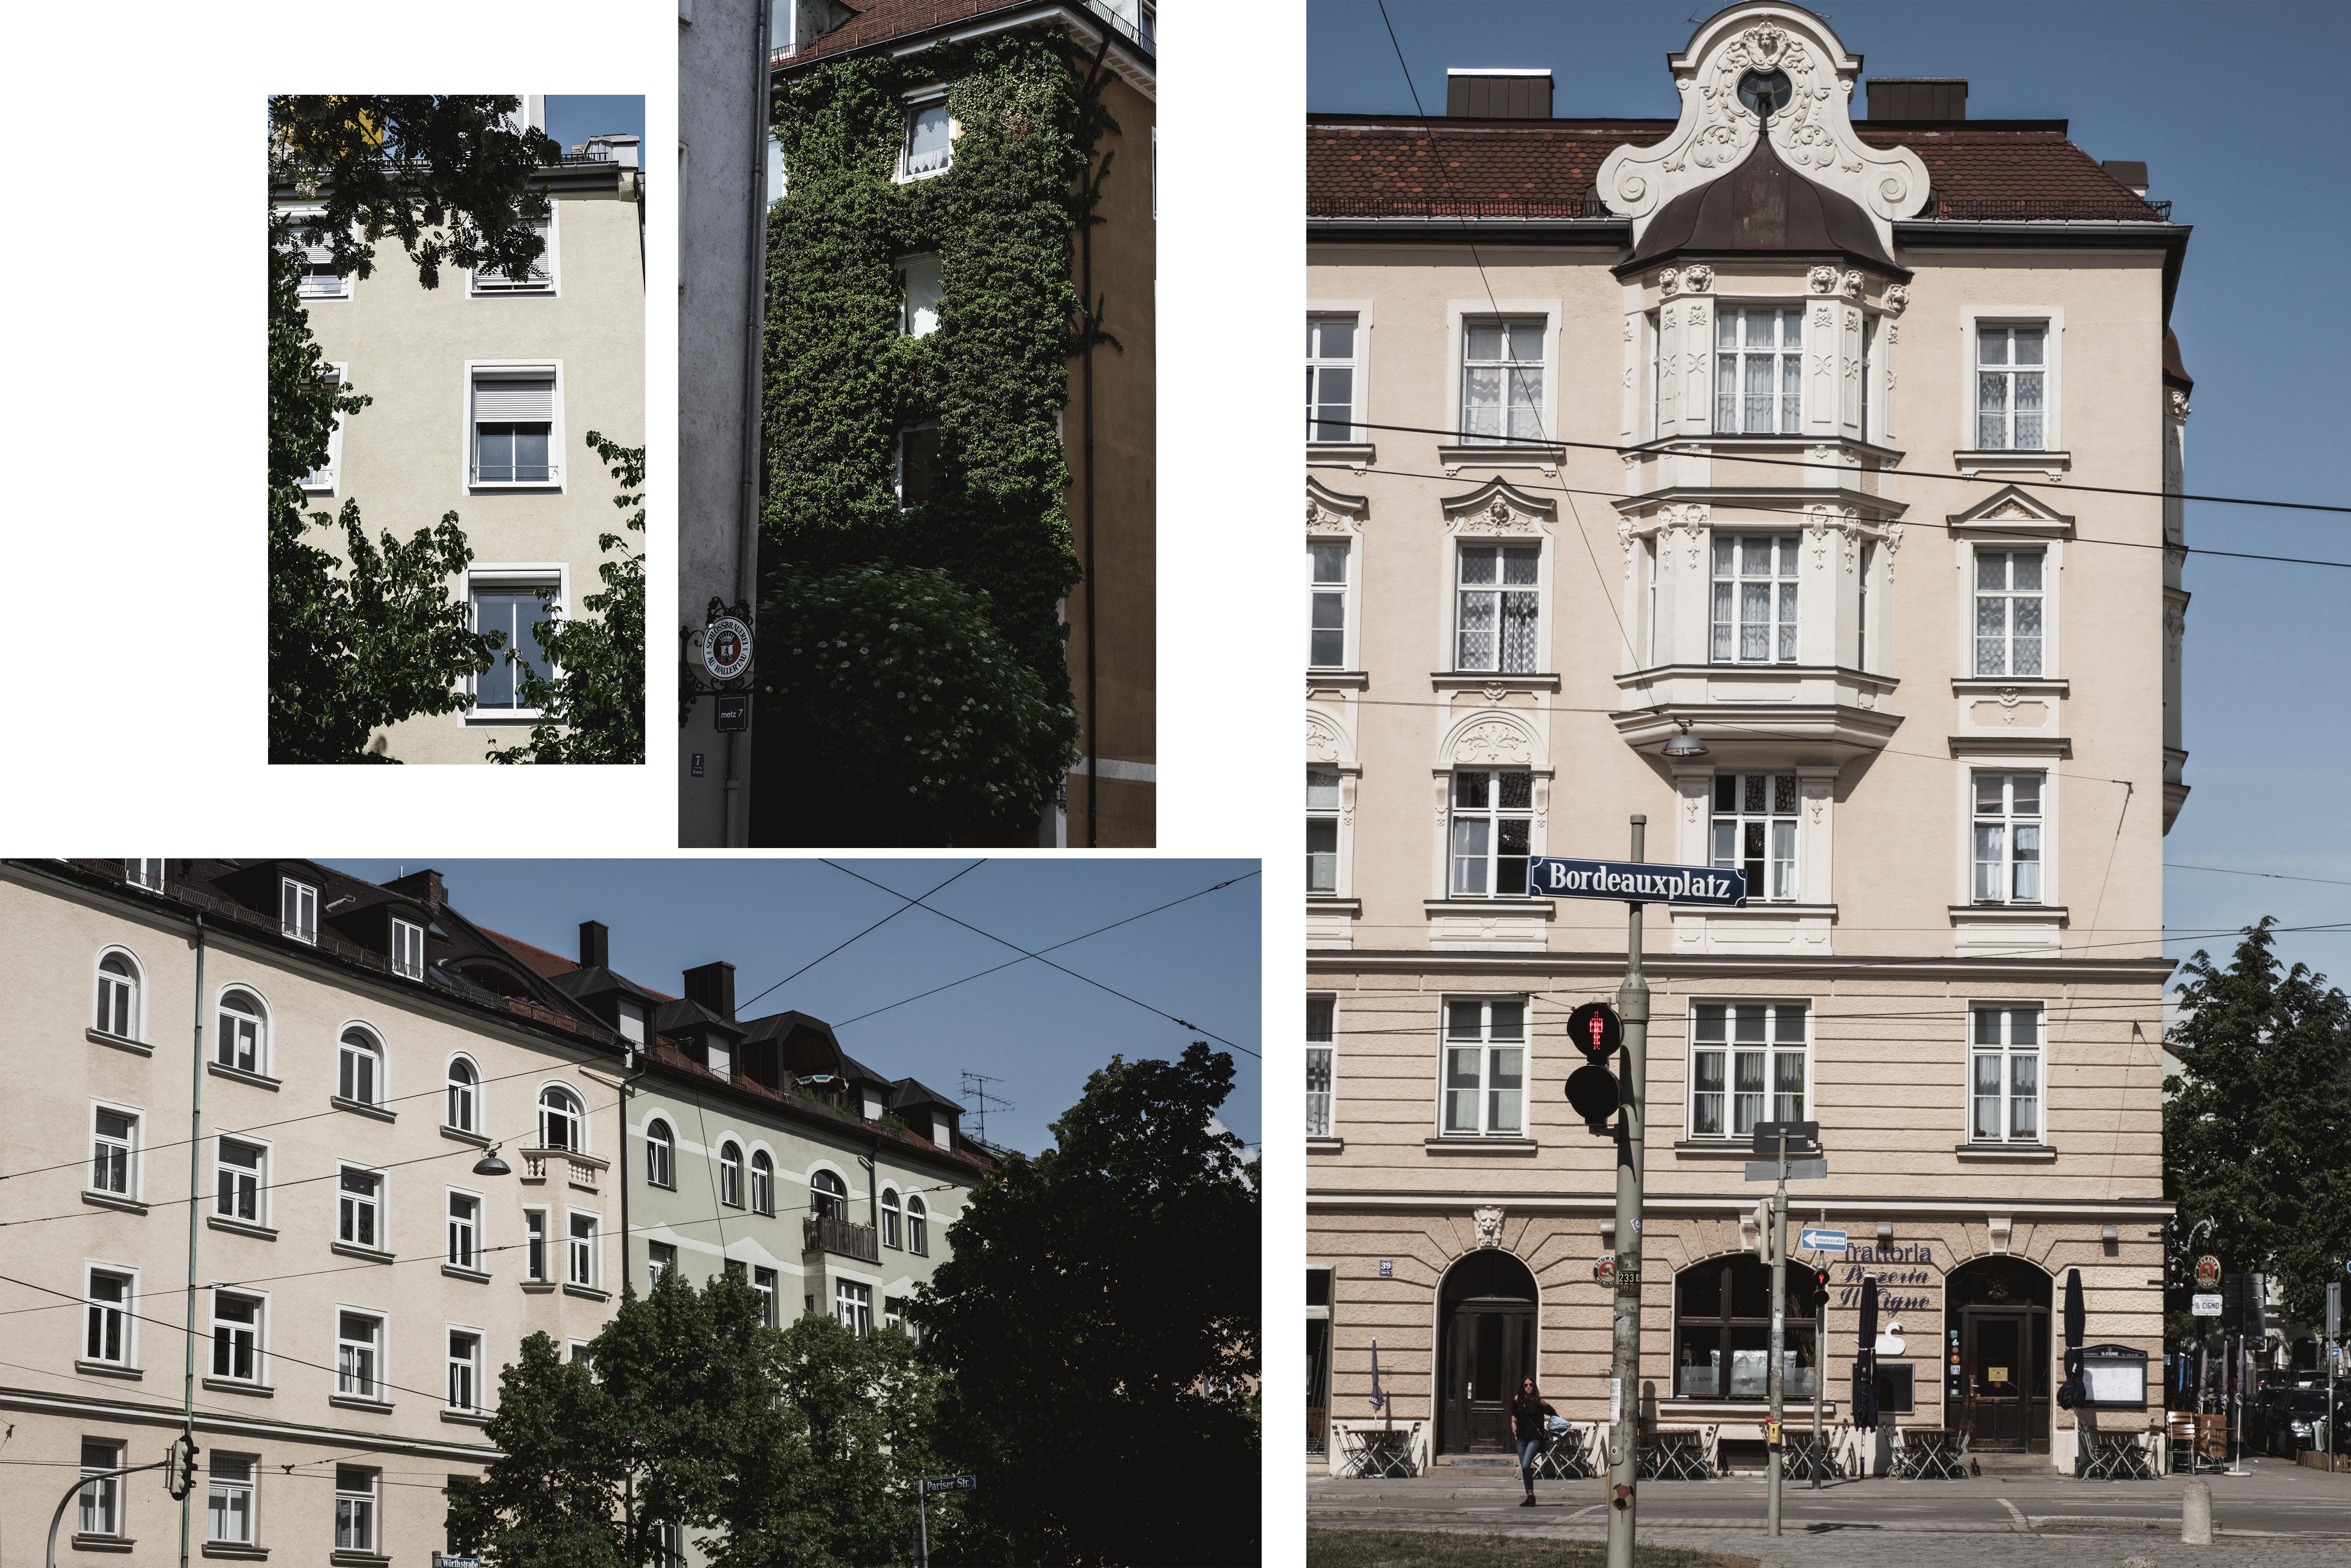 Munich-Haidhausen-quartier francais-3-lemonetorange-baviere-allemagne-city guide